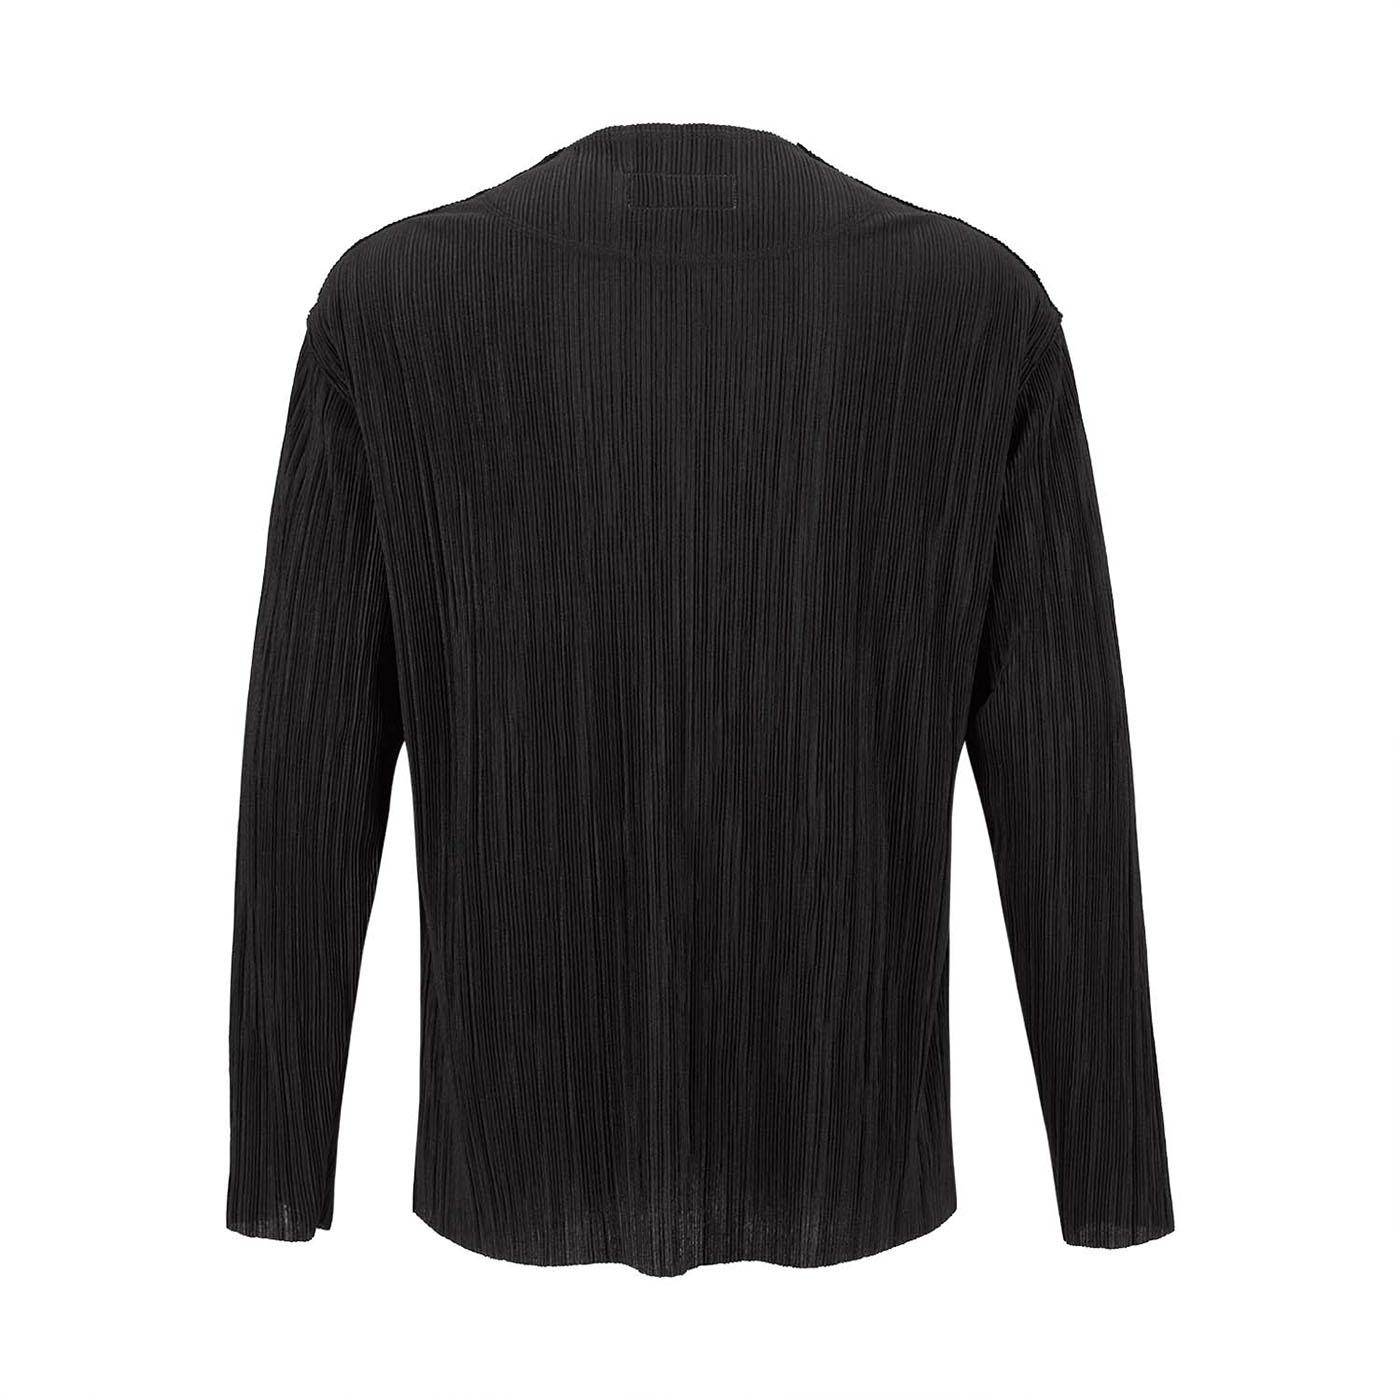 Pleated Plain Sweater Estelita Mendonça